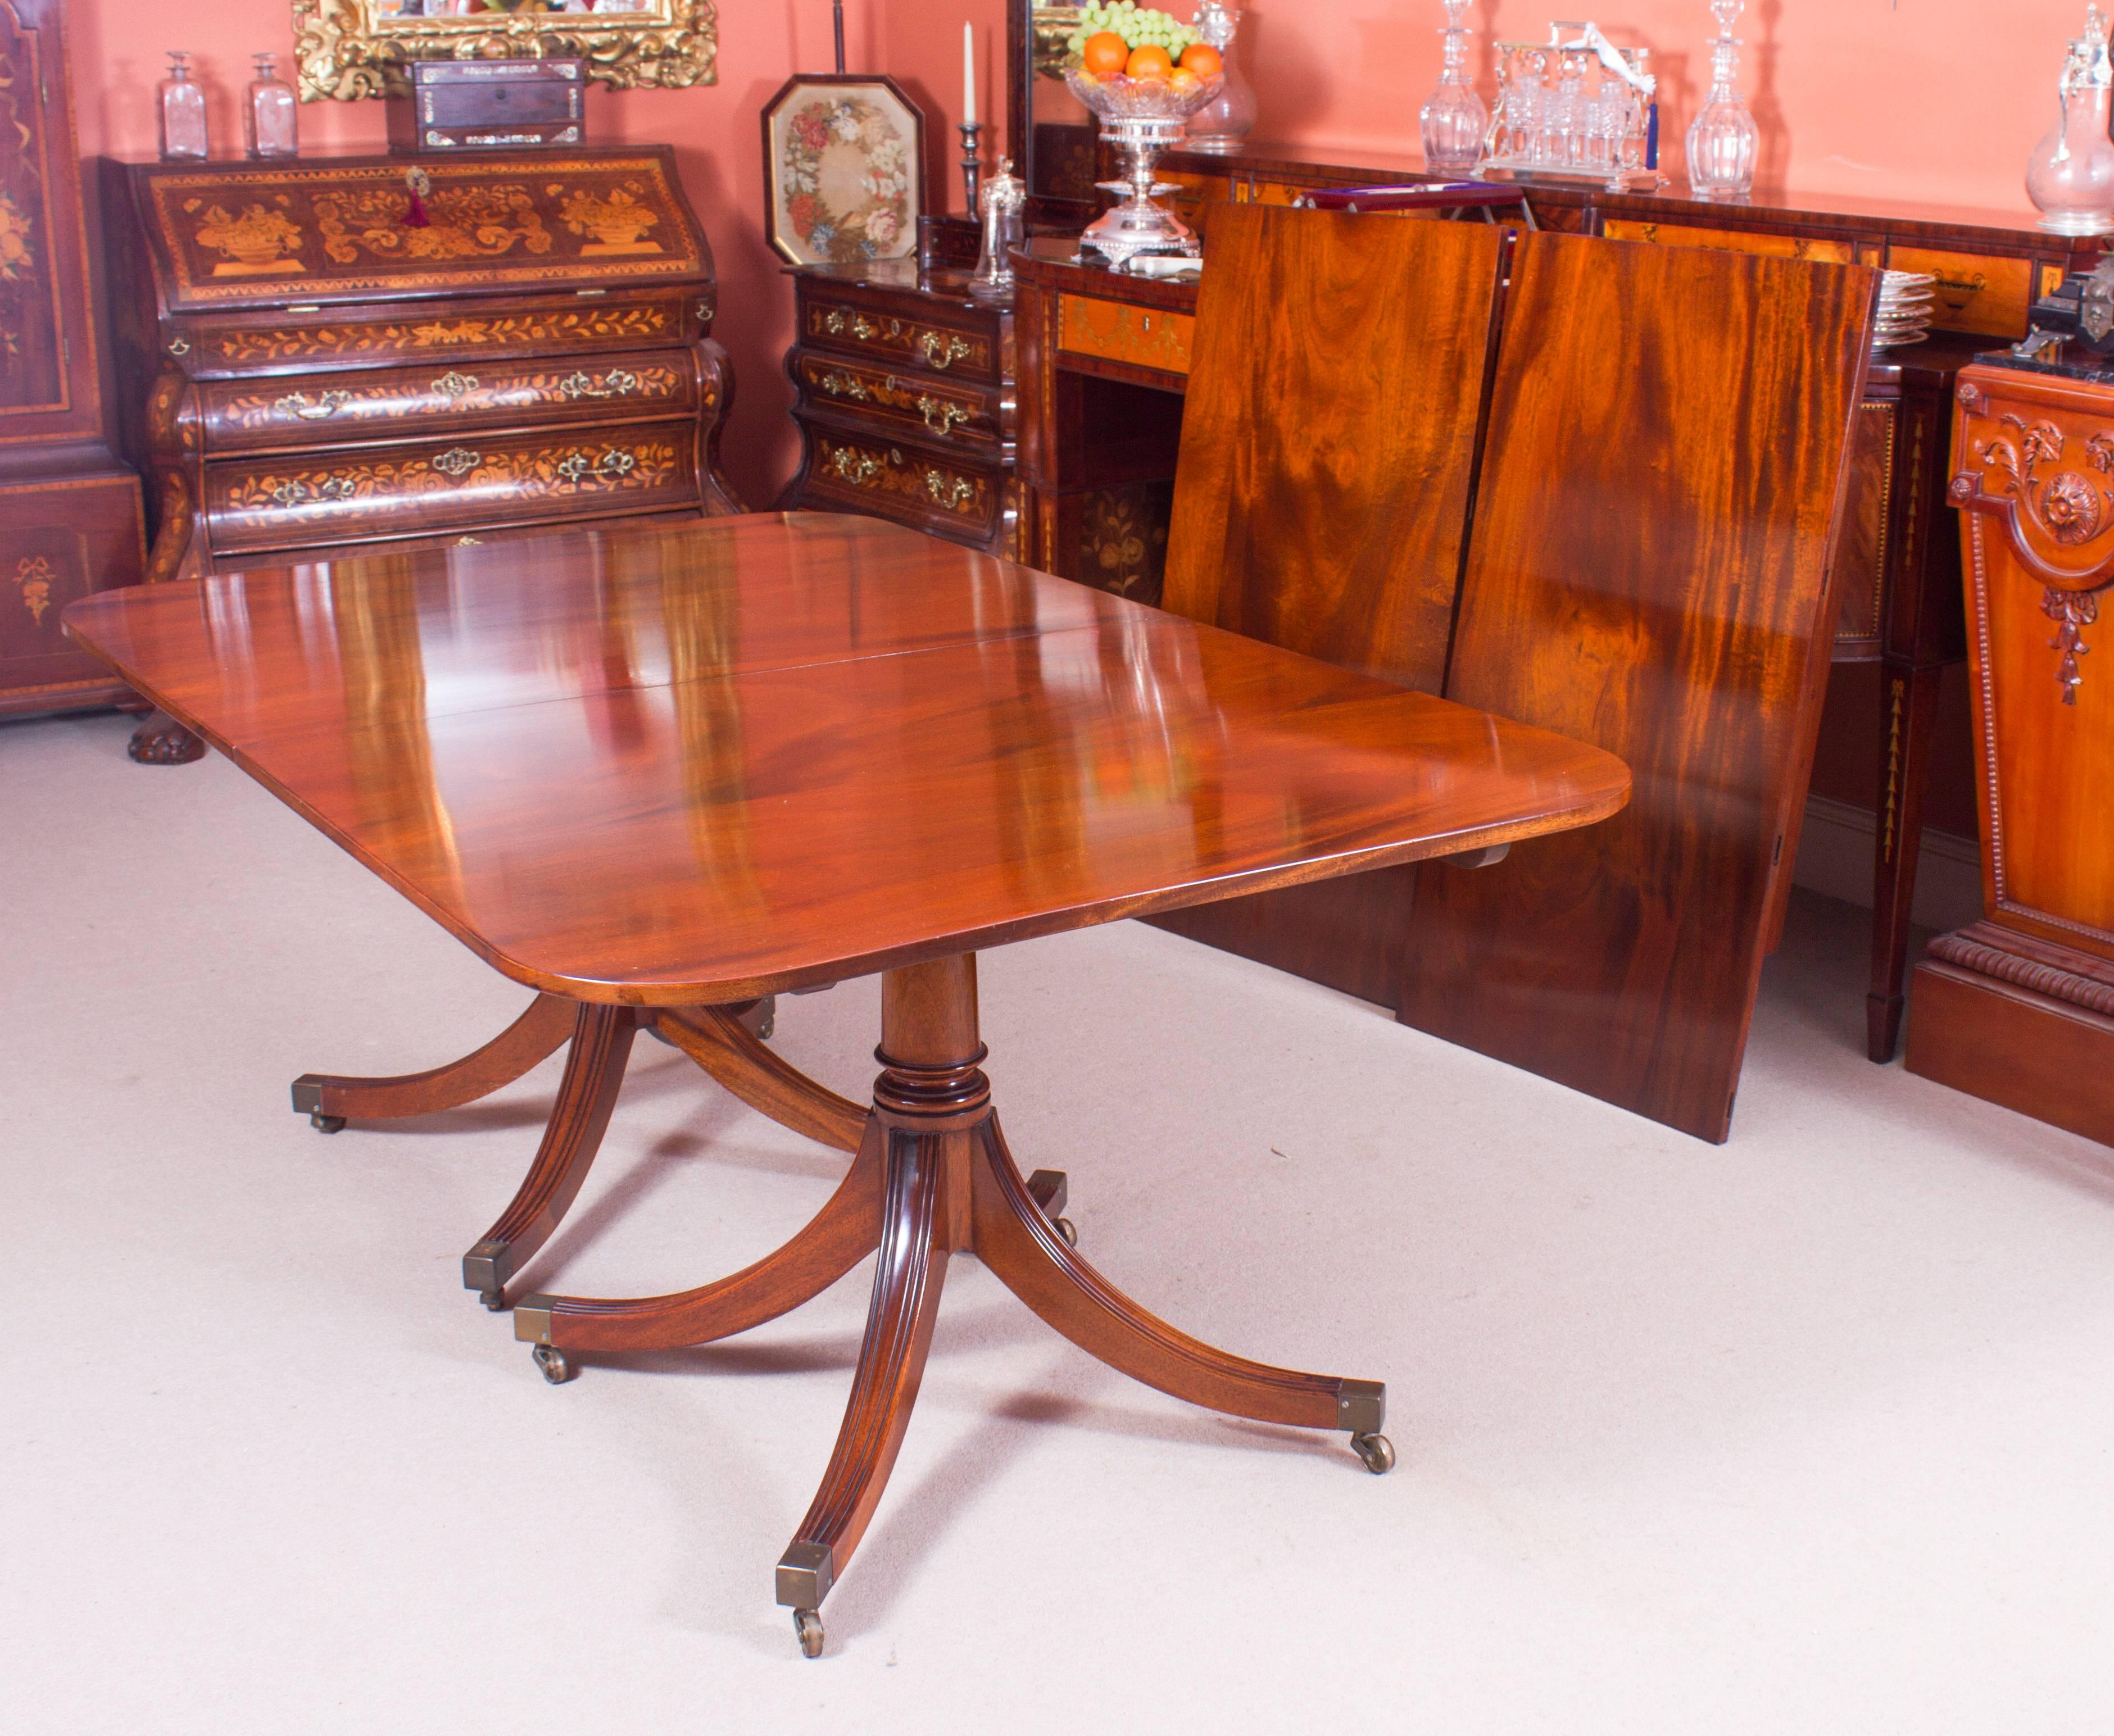 Vintage William Tillman Regency Dining Table And Ten